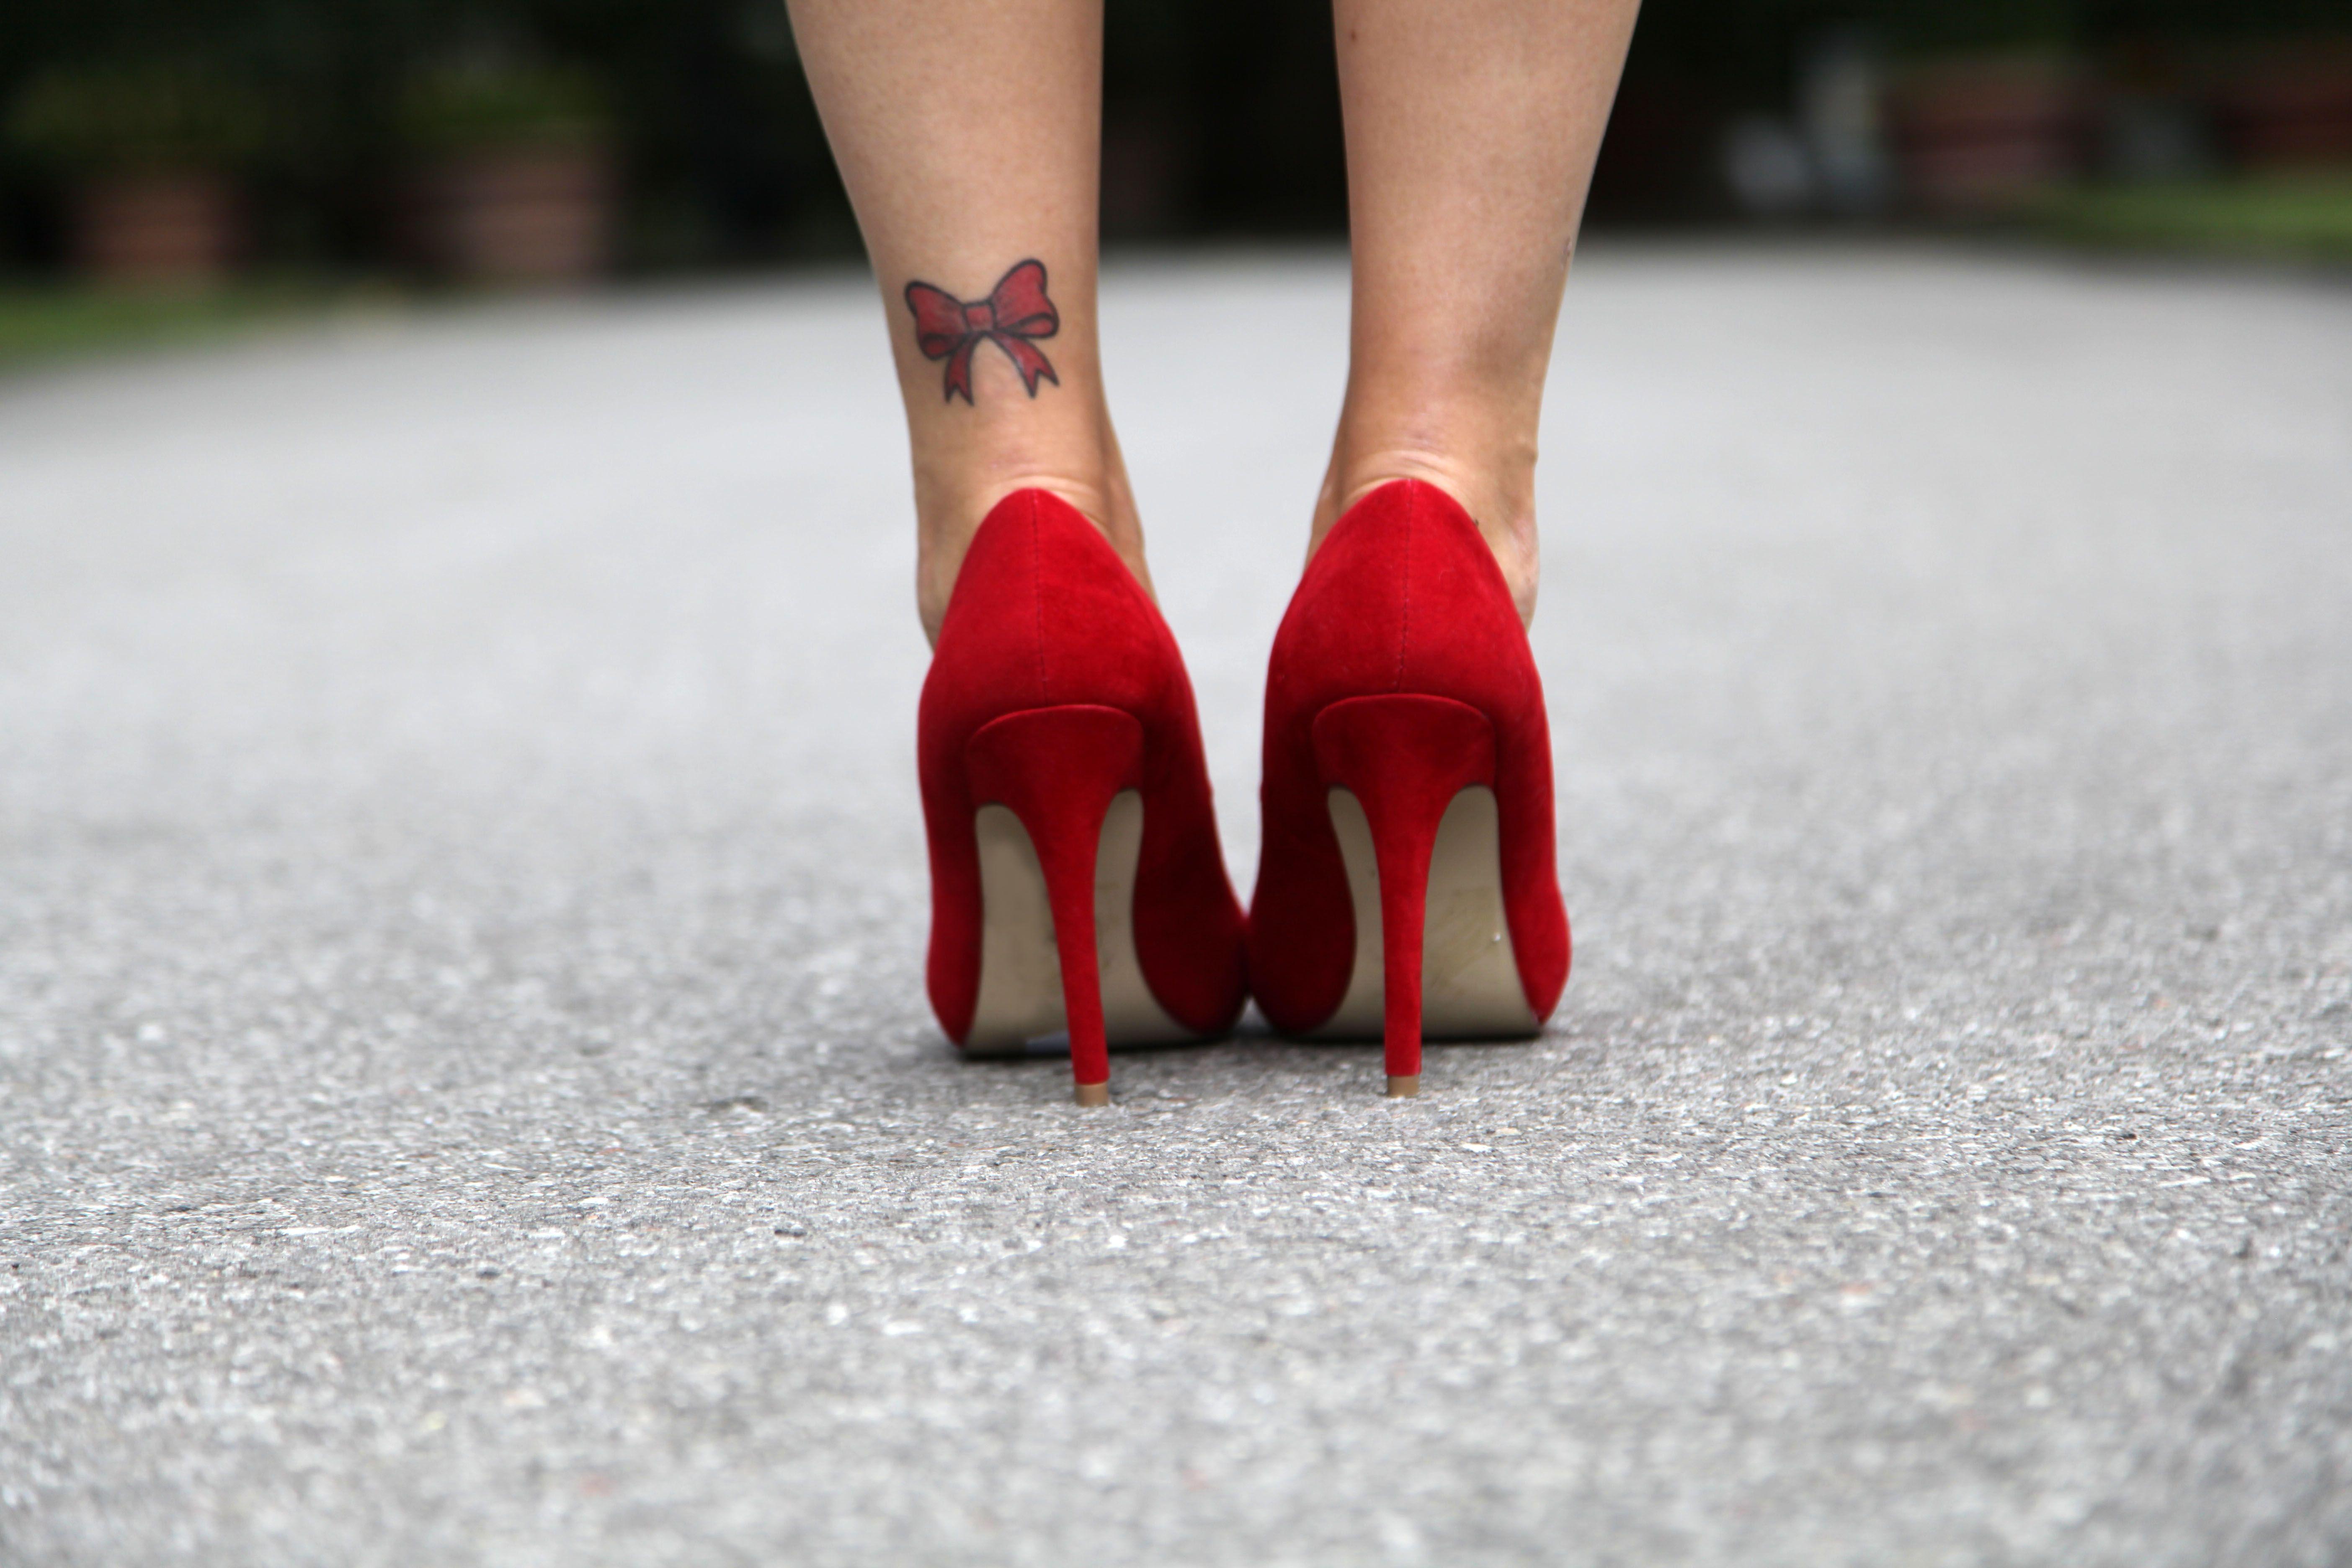 Bow Tattoo At Ankle My 4th Tattoo Tatuaggi Con Fiocco Tatuaggi Piercing